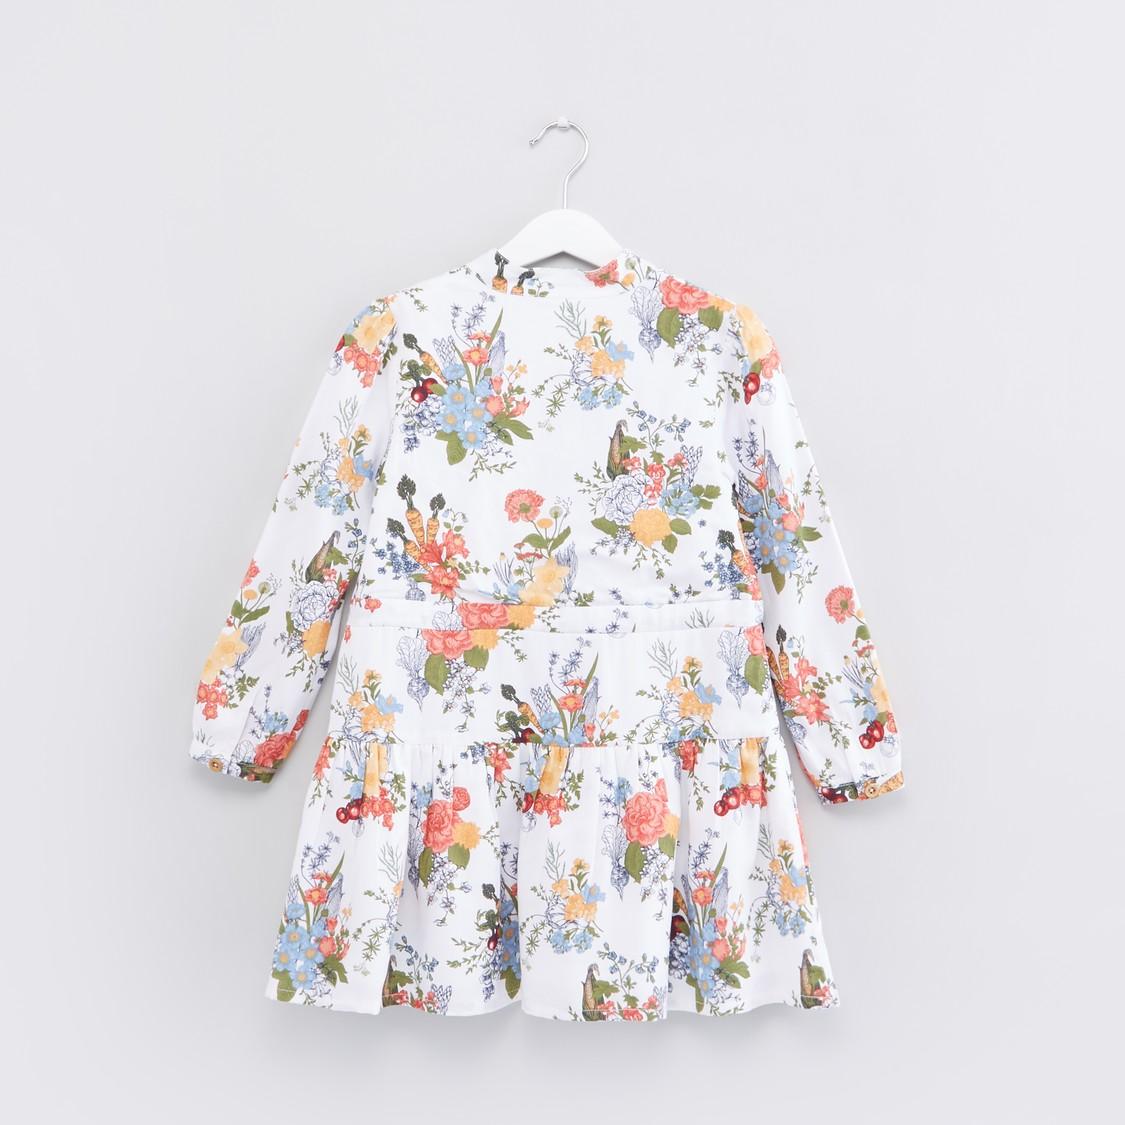 Floral Printed Long Sleeves Dress